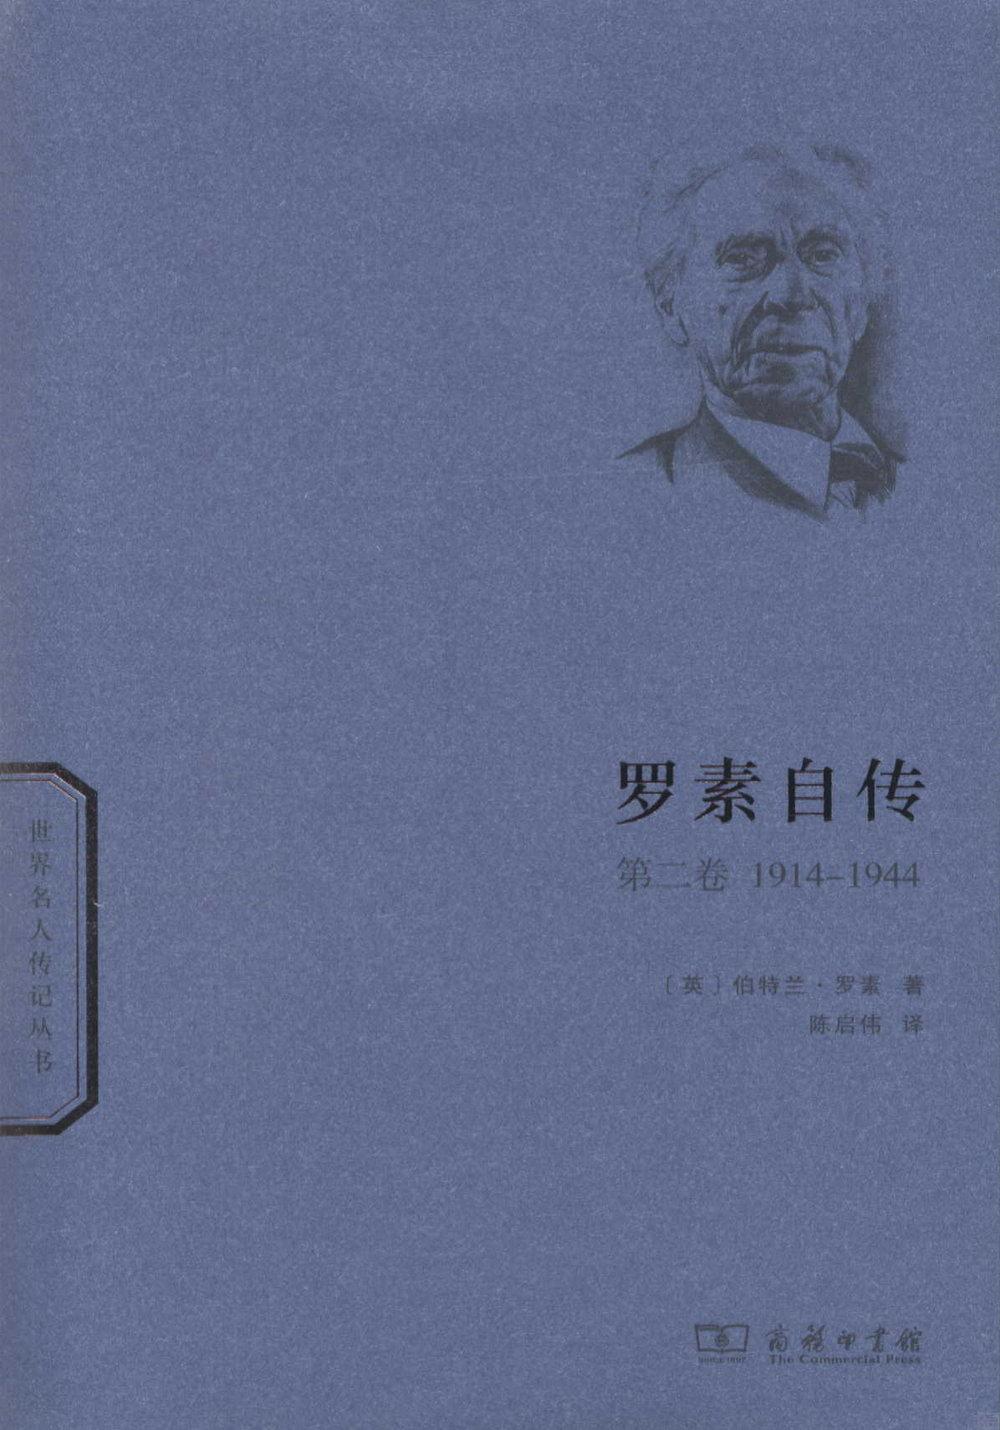 羅素自傳·第二卷(1914-1944)